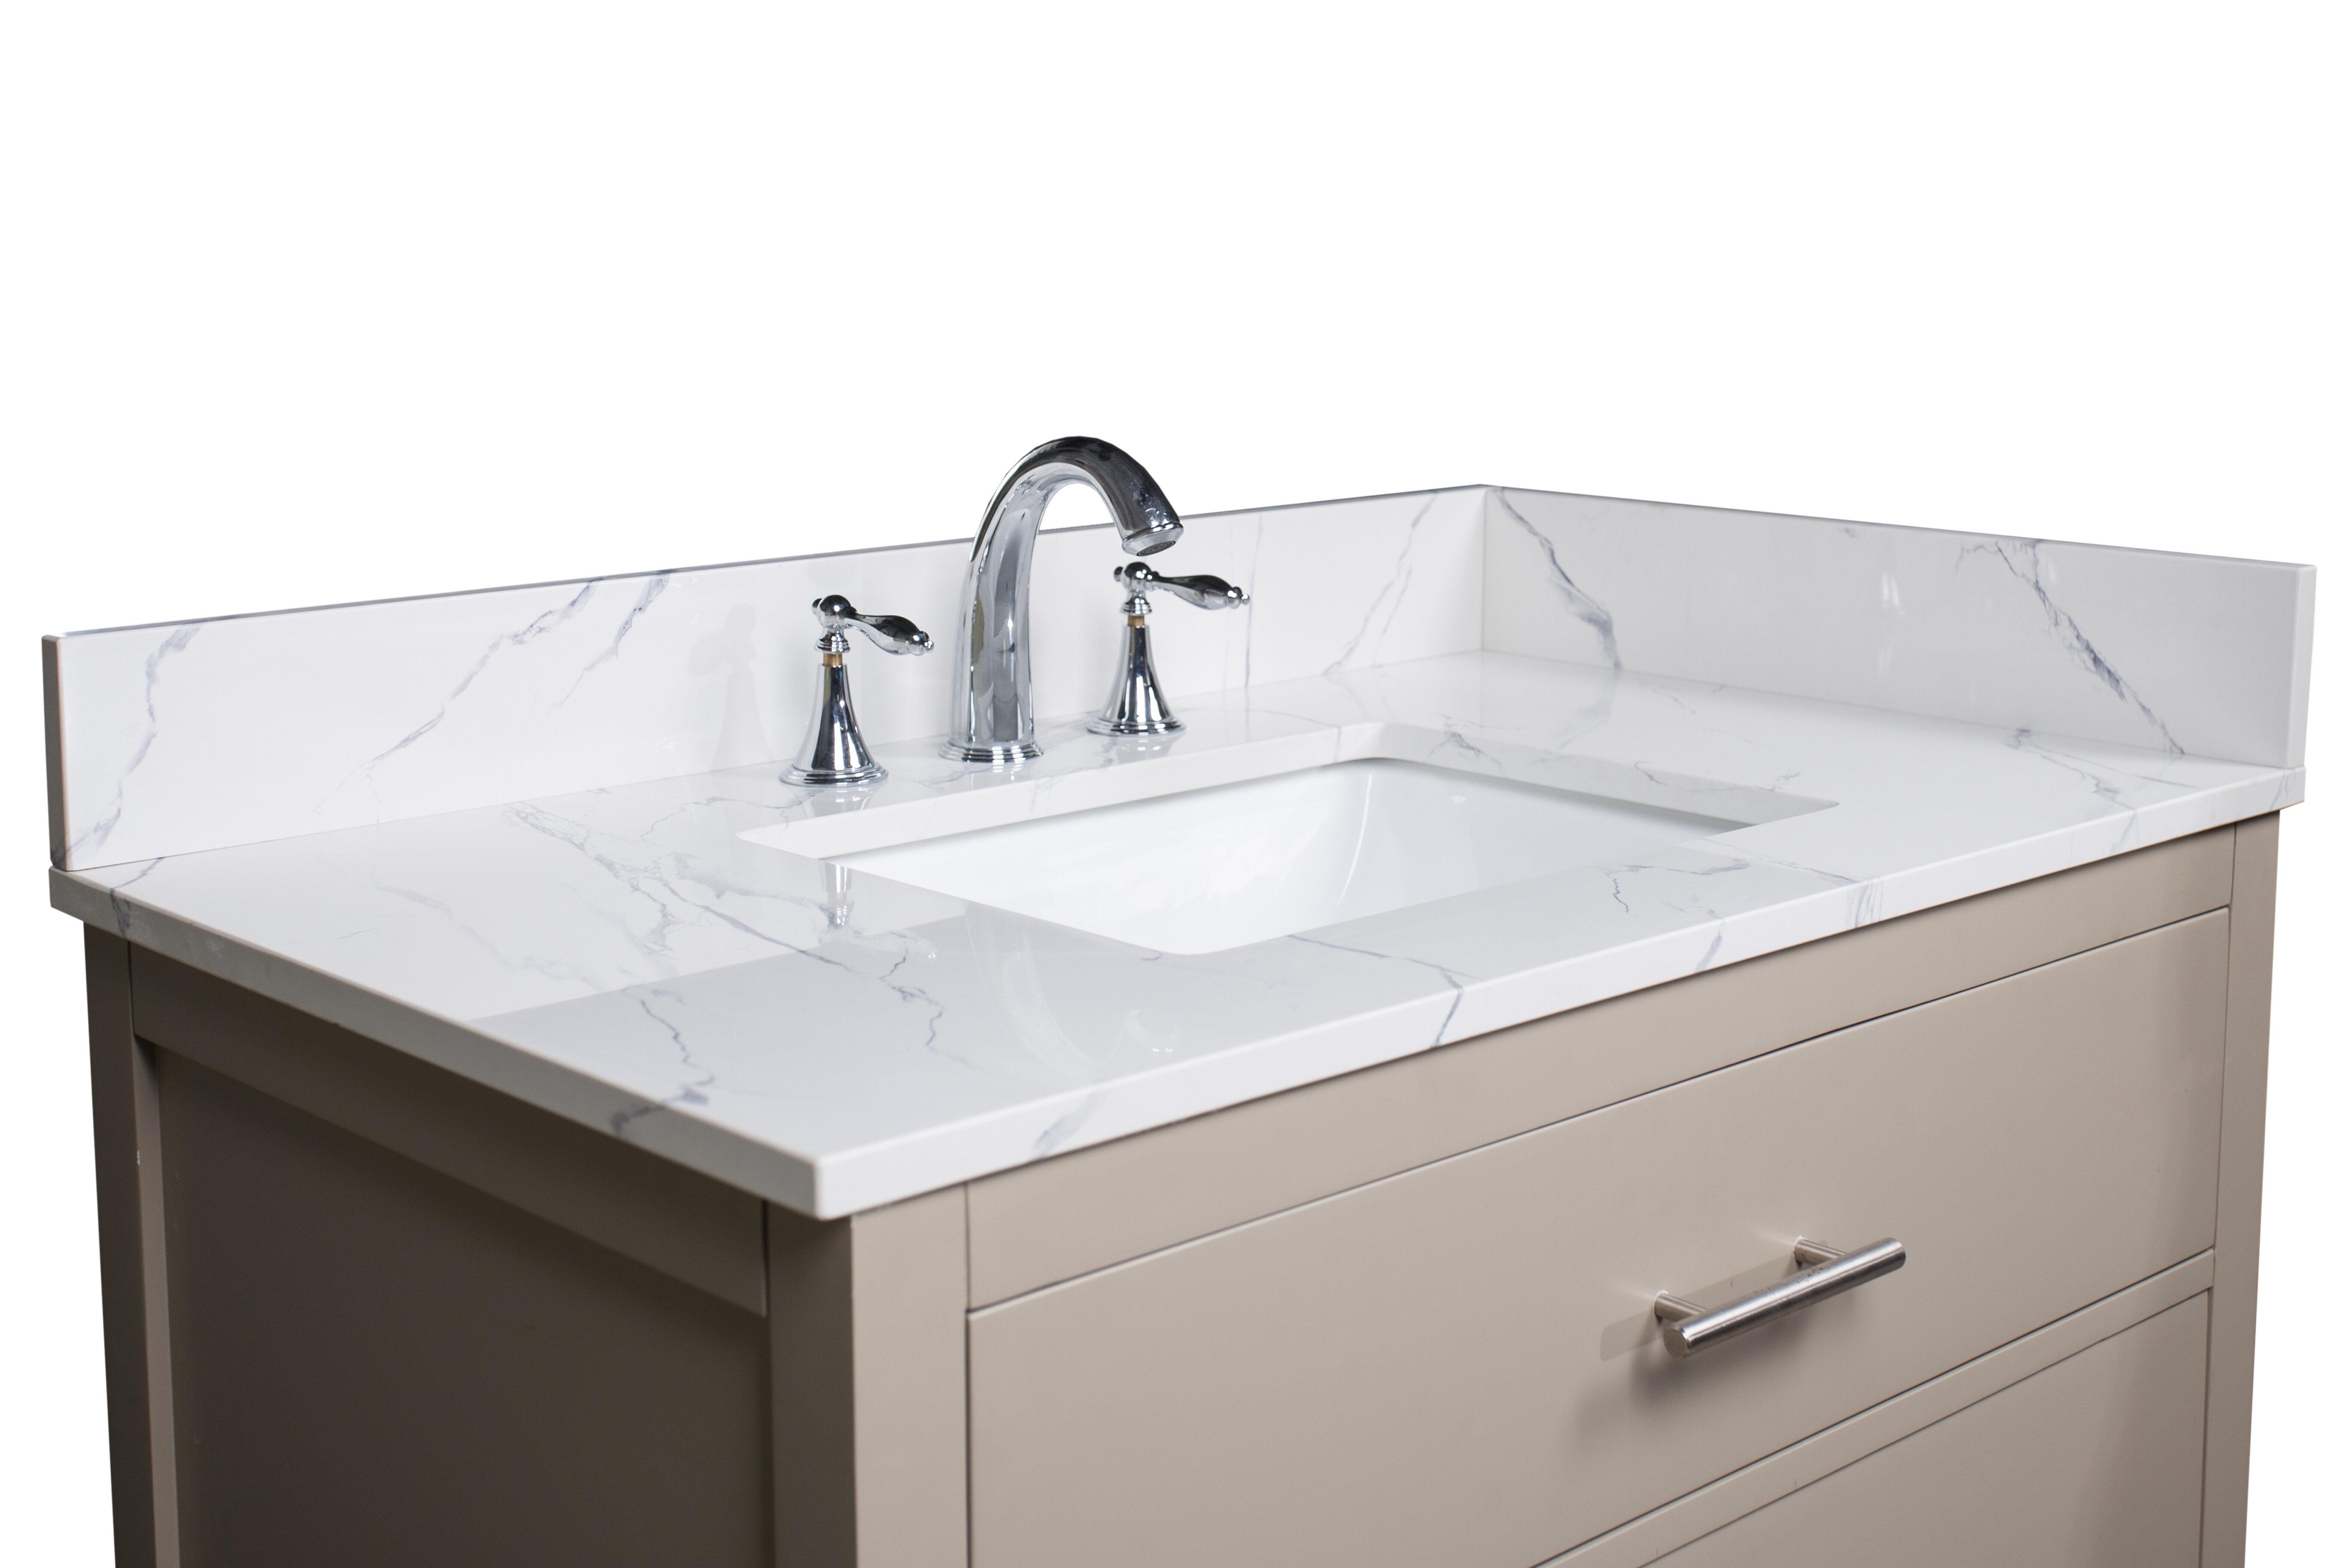 37 X 19 Bathroom Vanity Tops You Ll Love In 2021 Wayfair